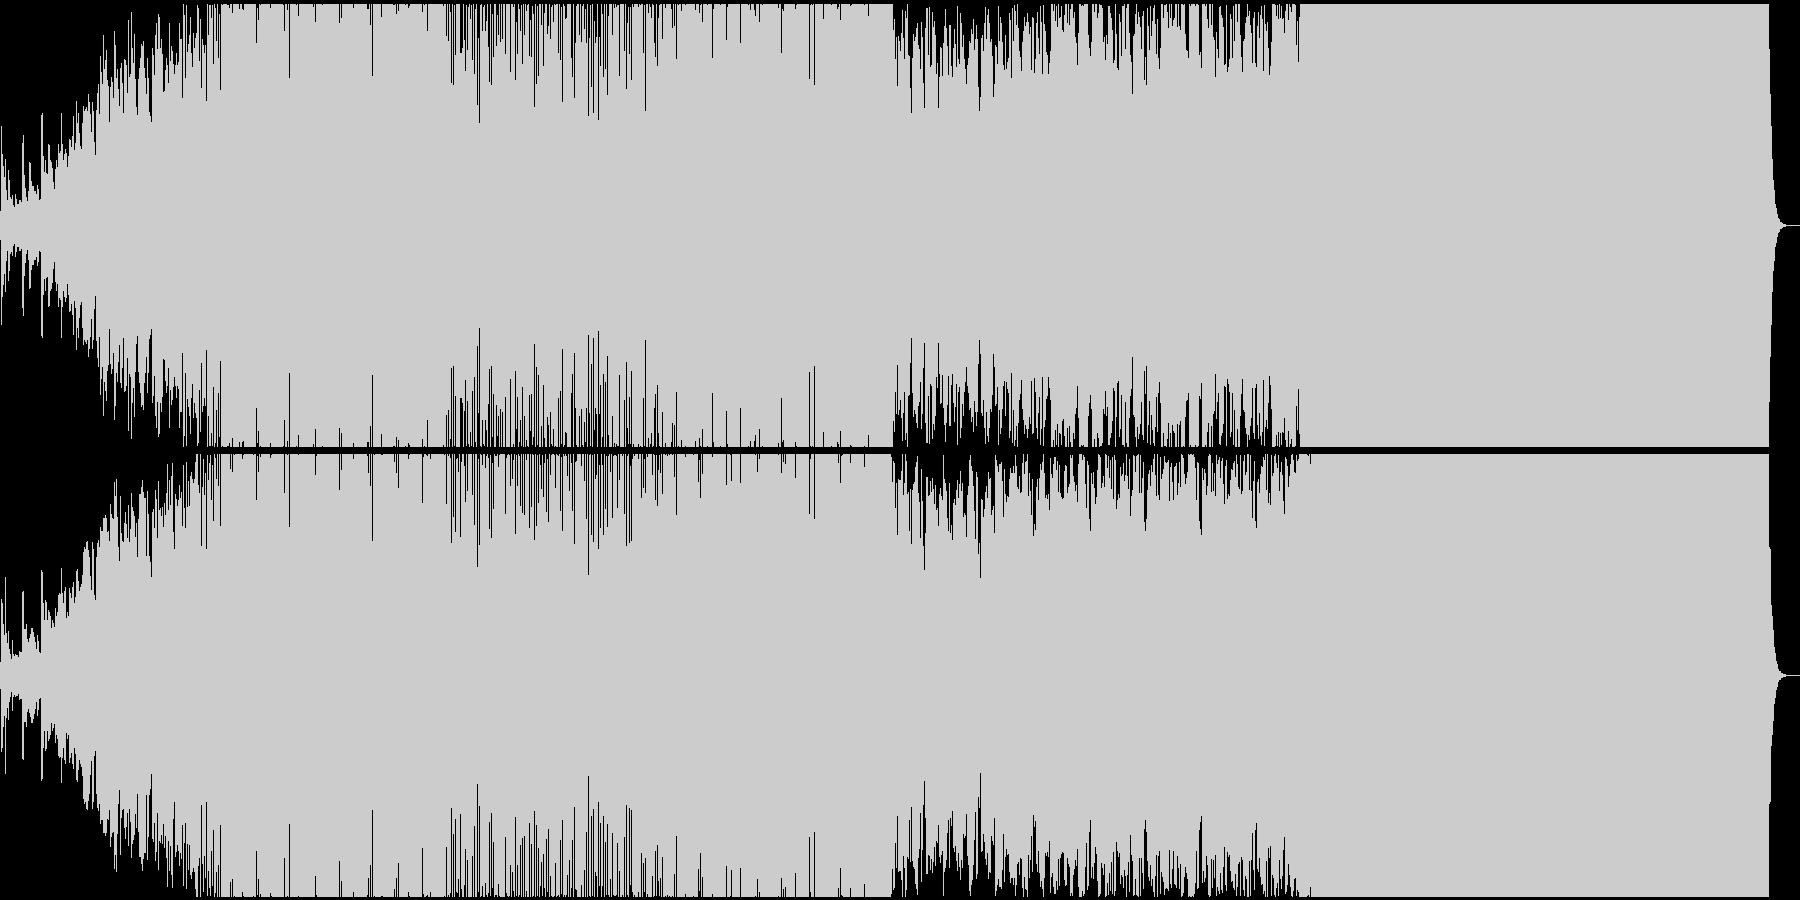 デトロイトテクノをベースにした映画音楽の未再生の波形